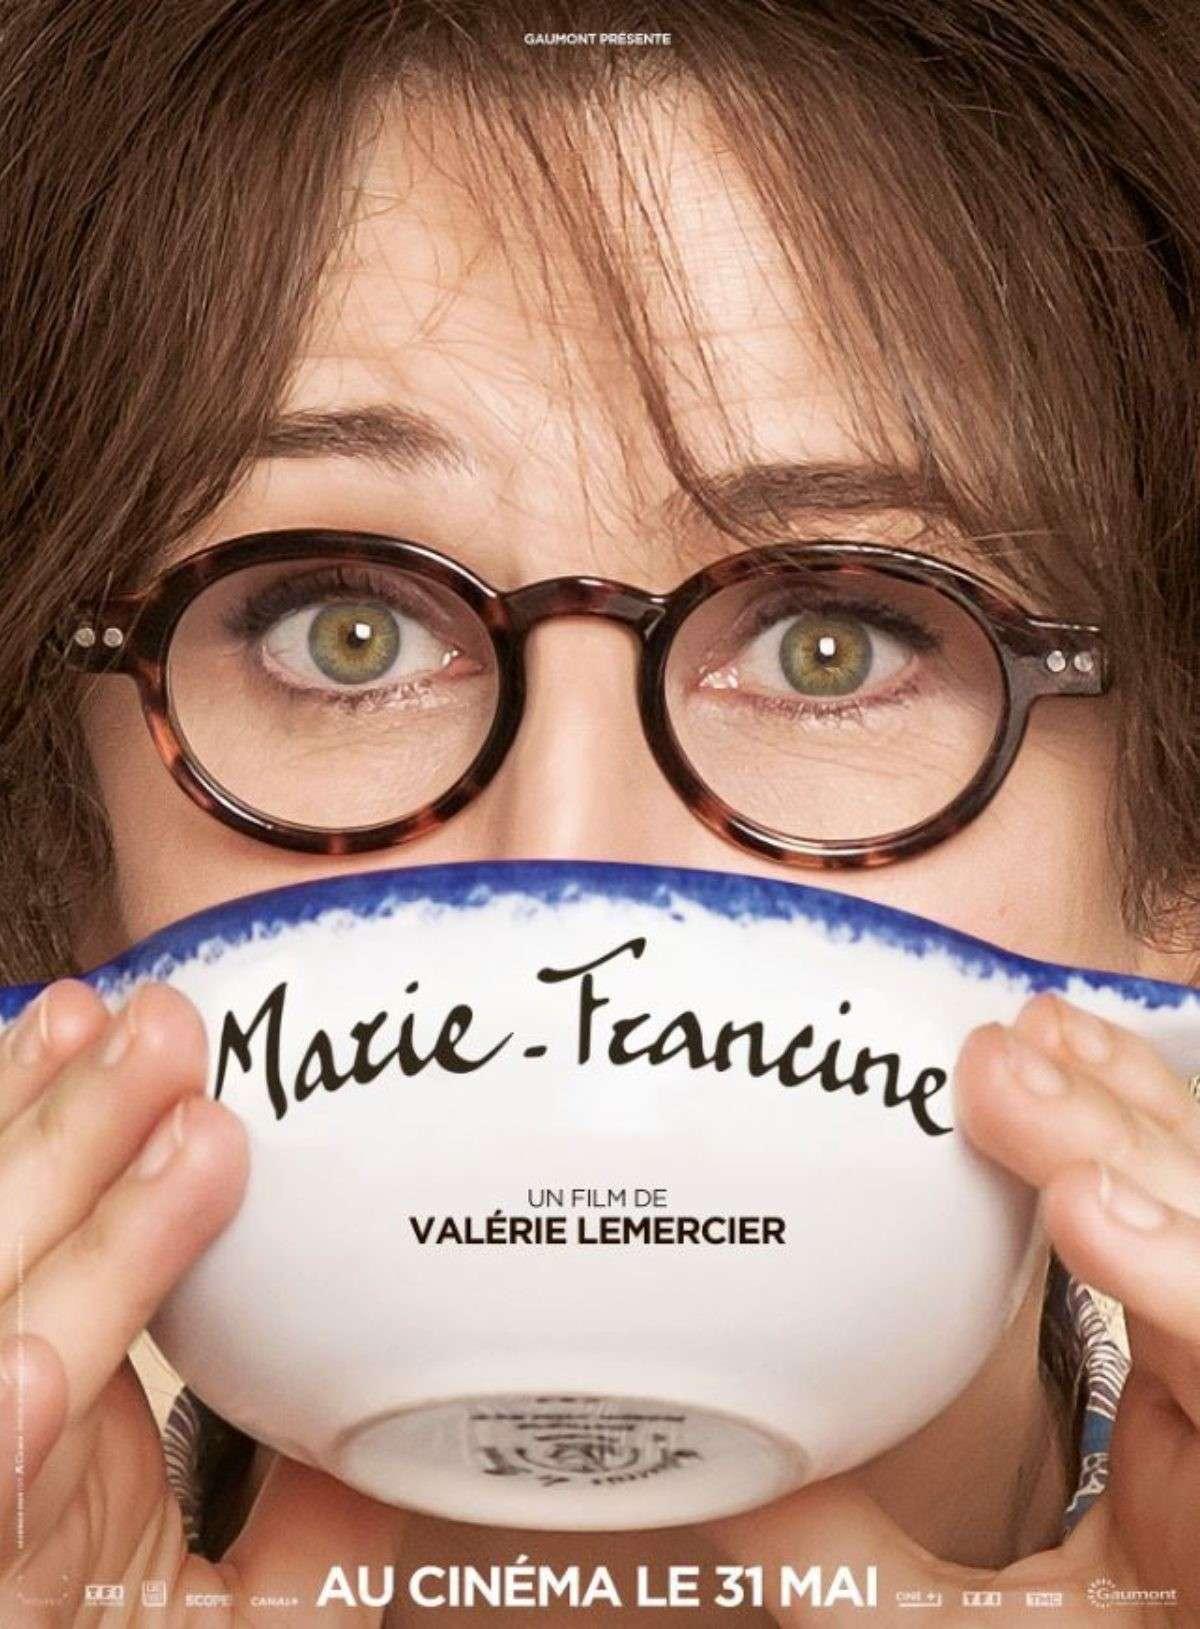 Δεσποινίς Ετών 50 (Marie-Francine) Poster